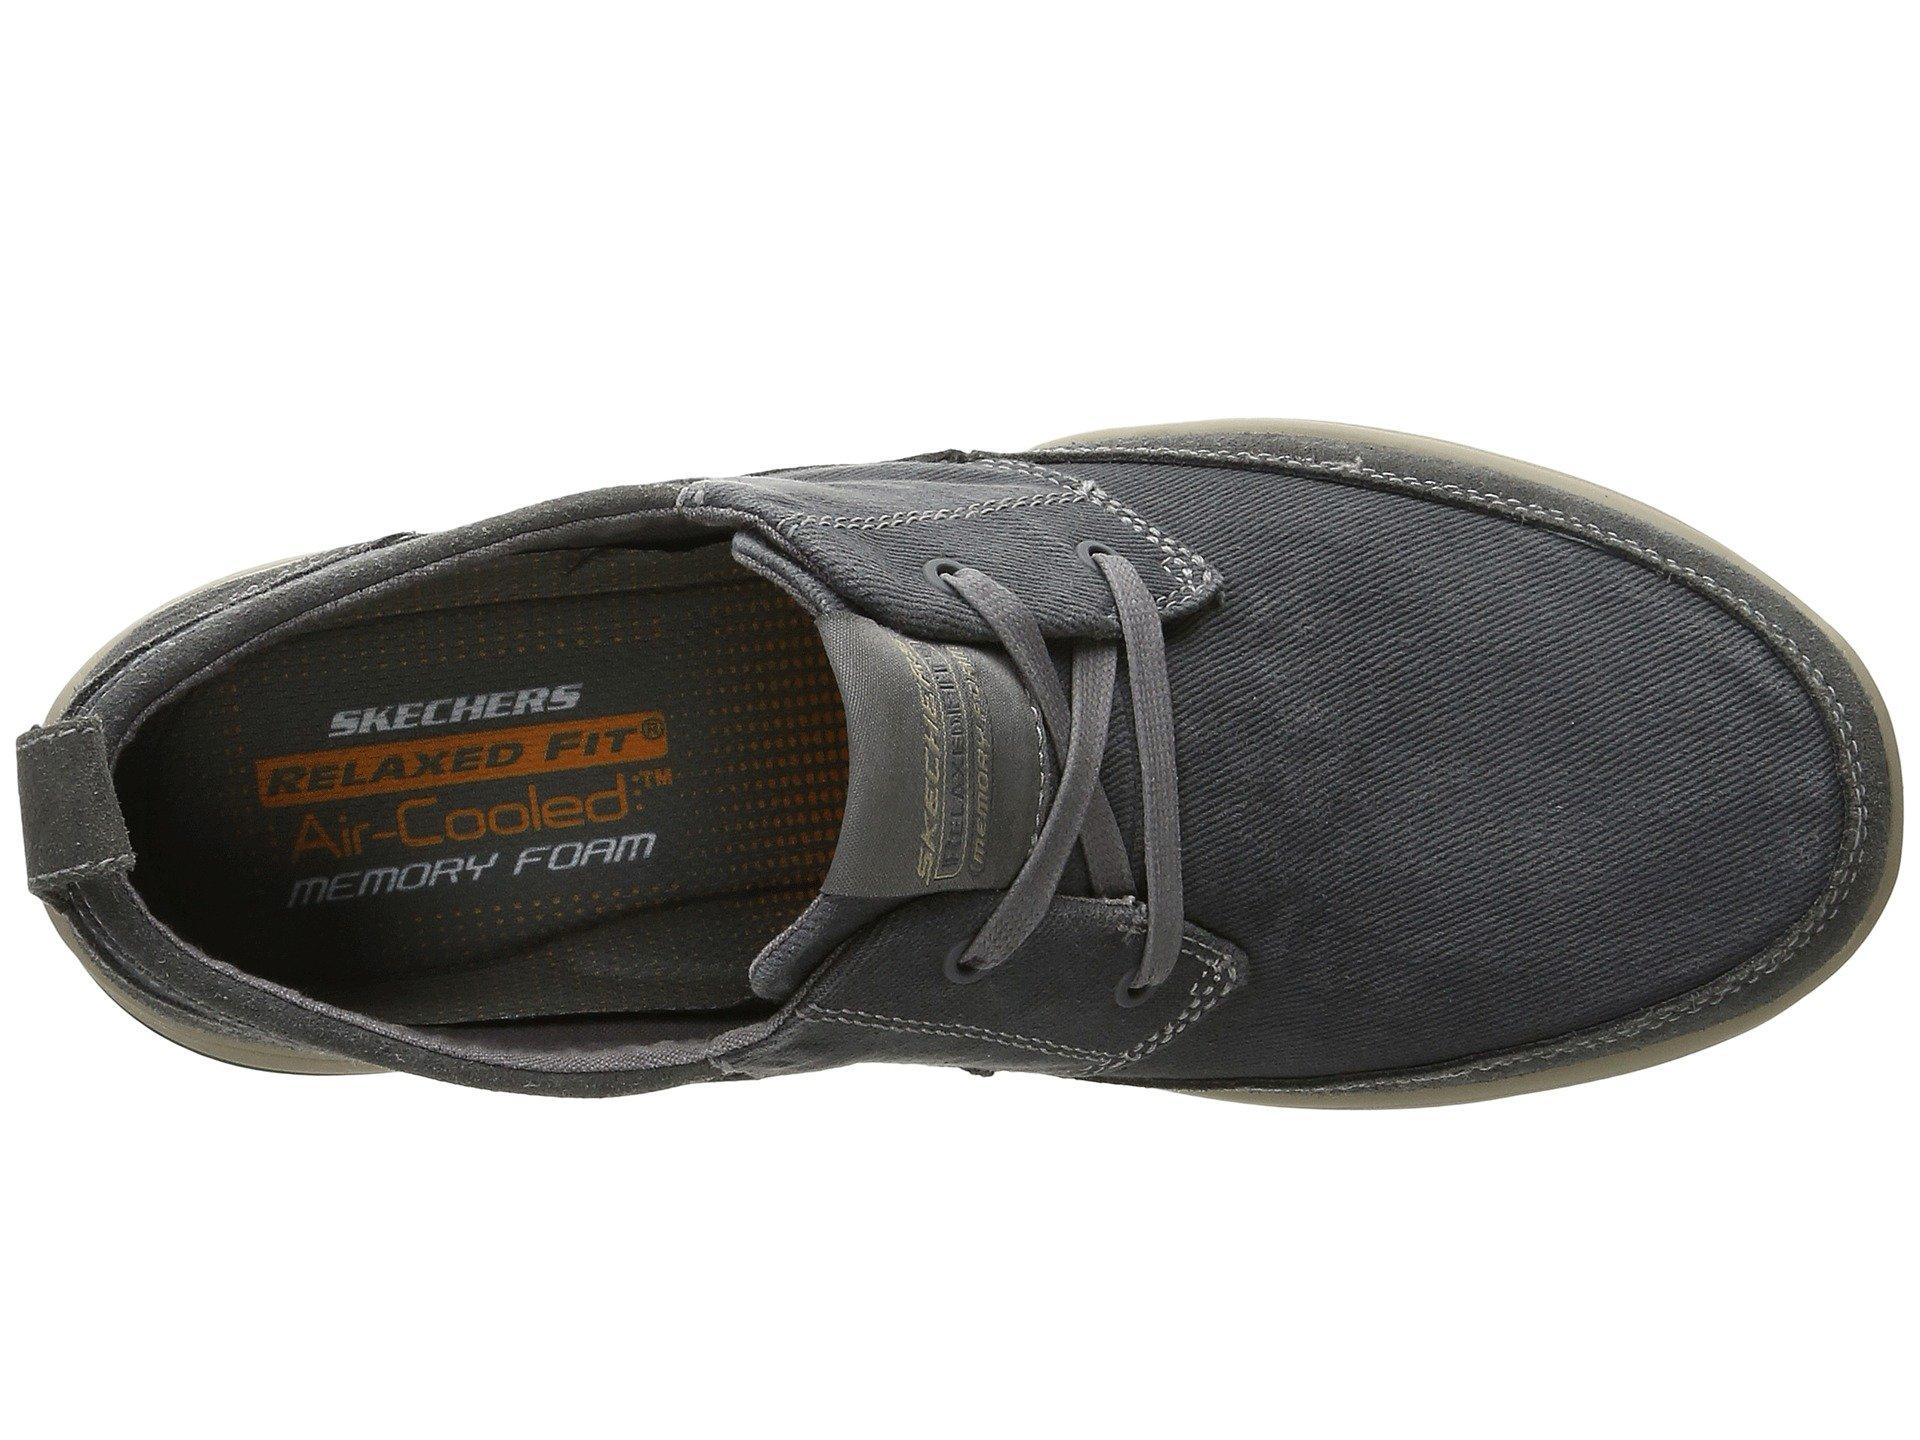 Skechers Relaxed Fit Harper Lenden Men S Shoes